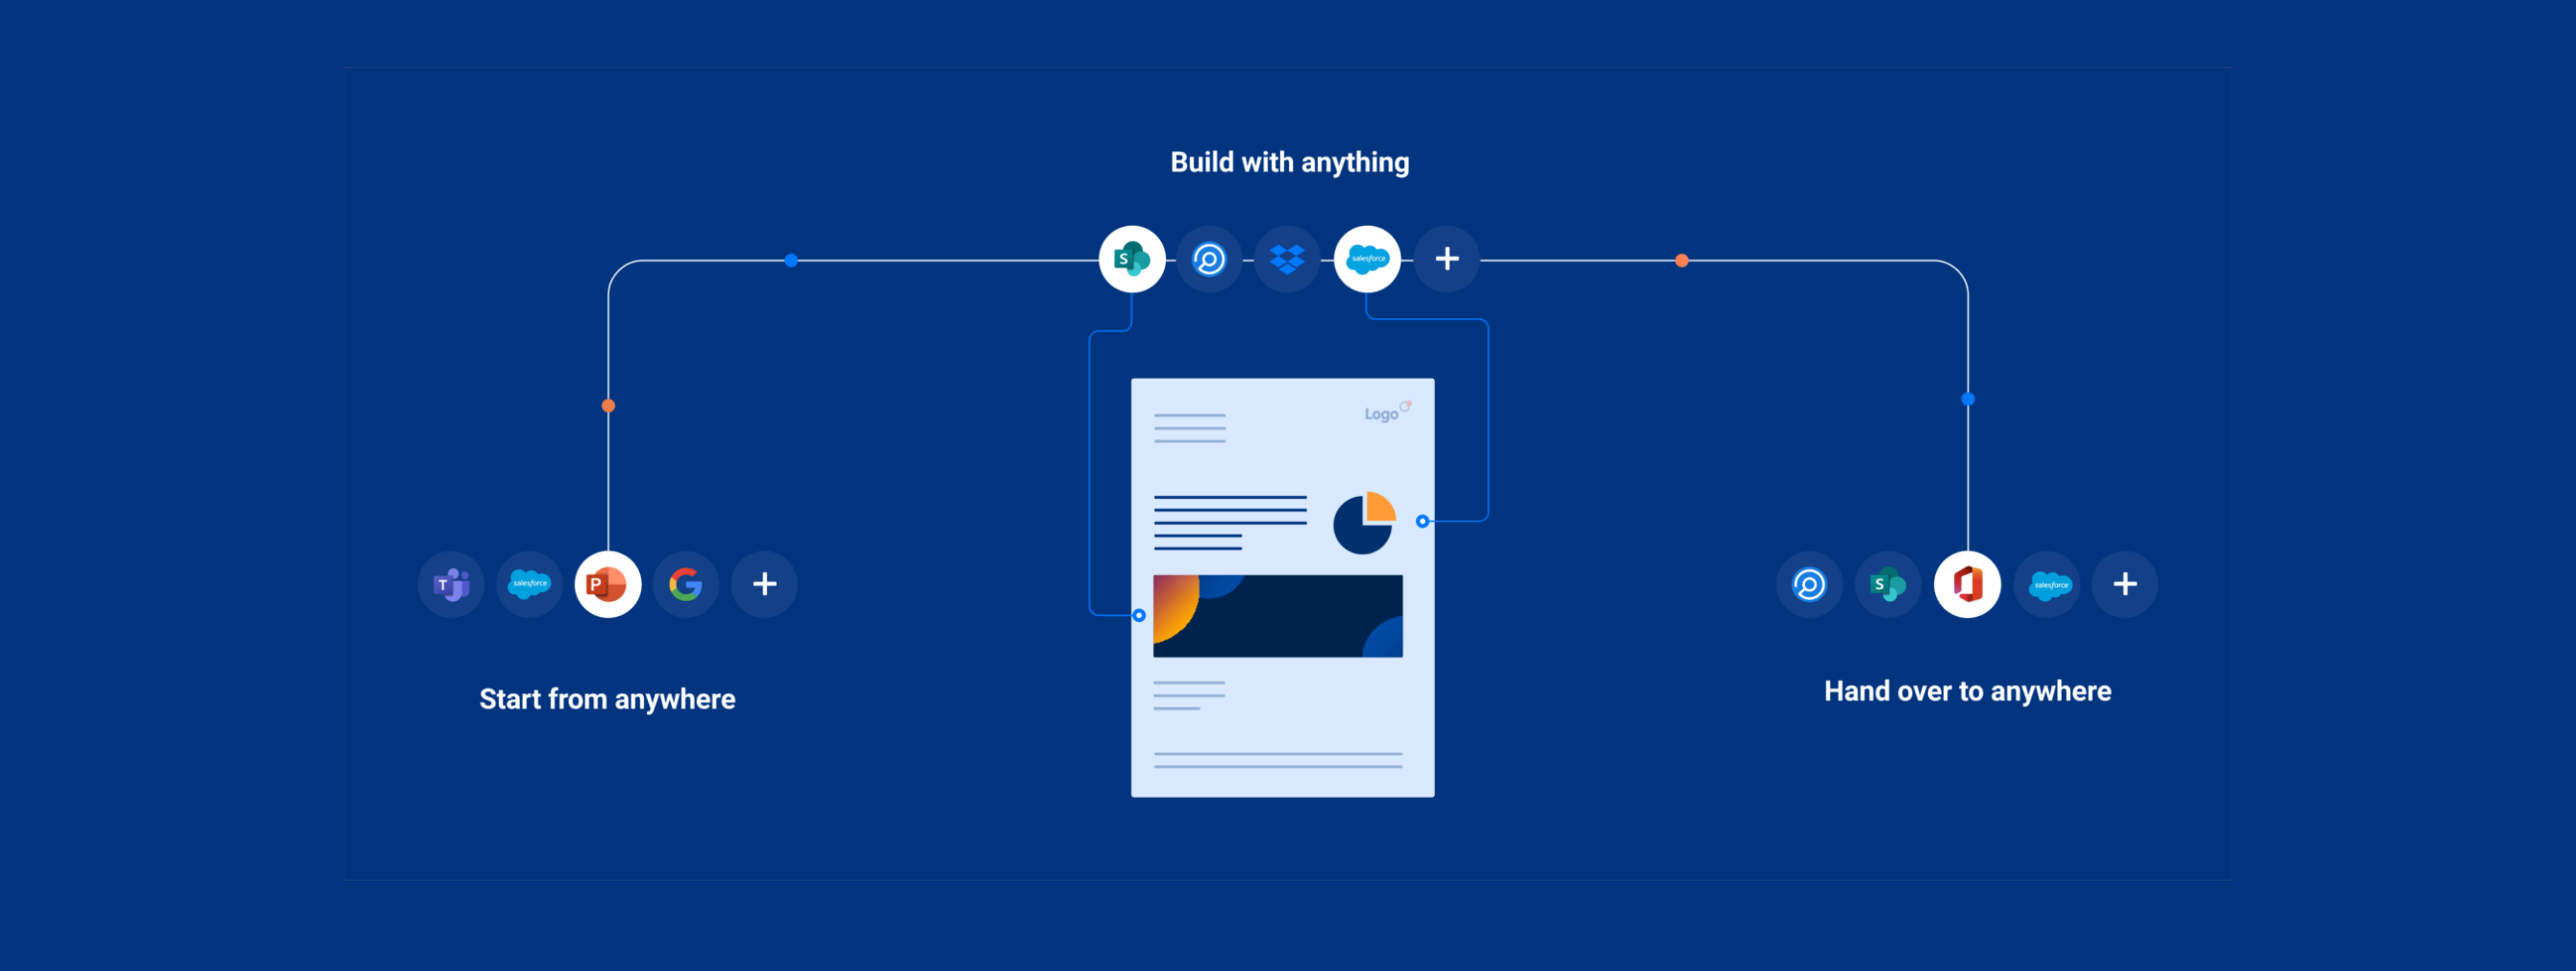 Content Enablement Platform Templafy